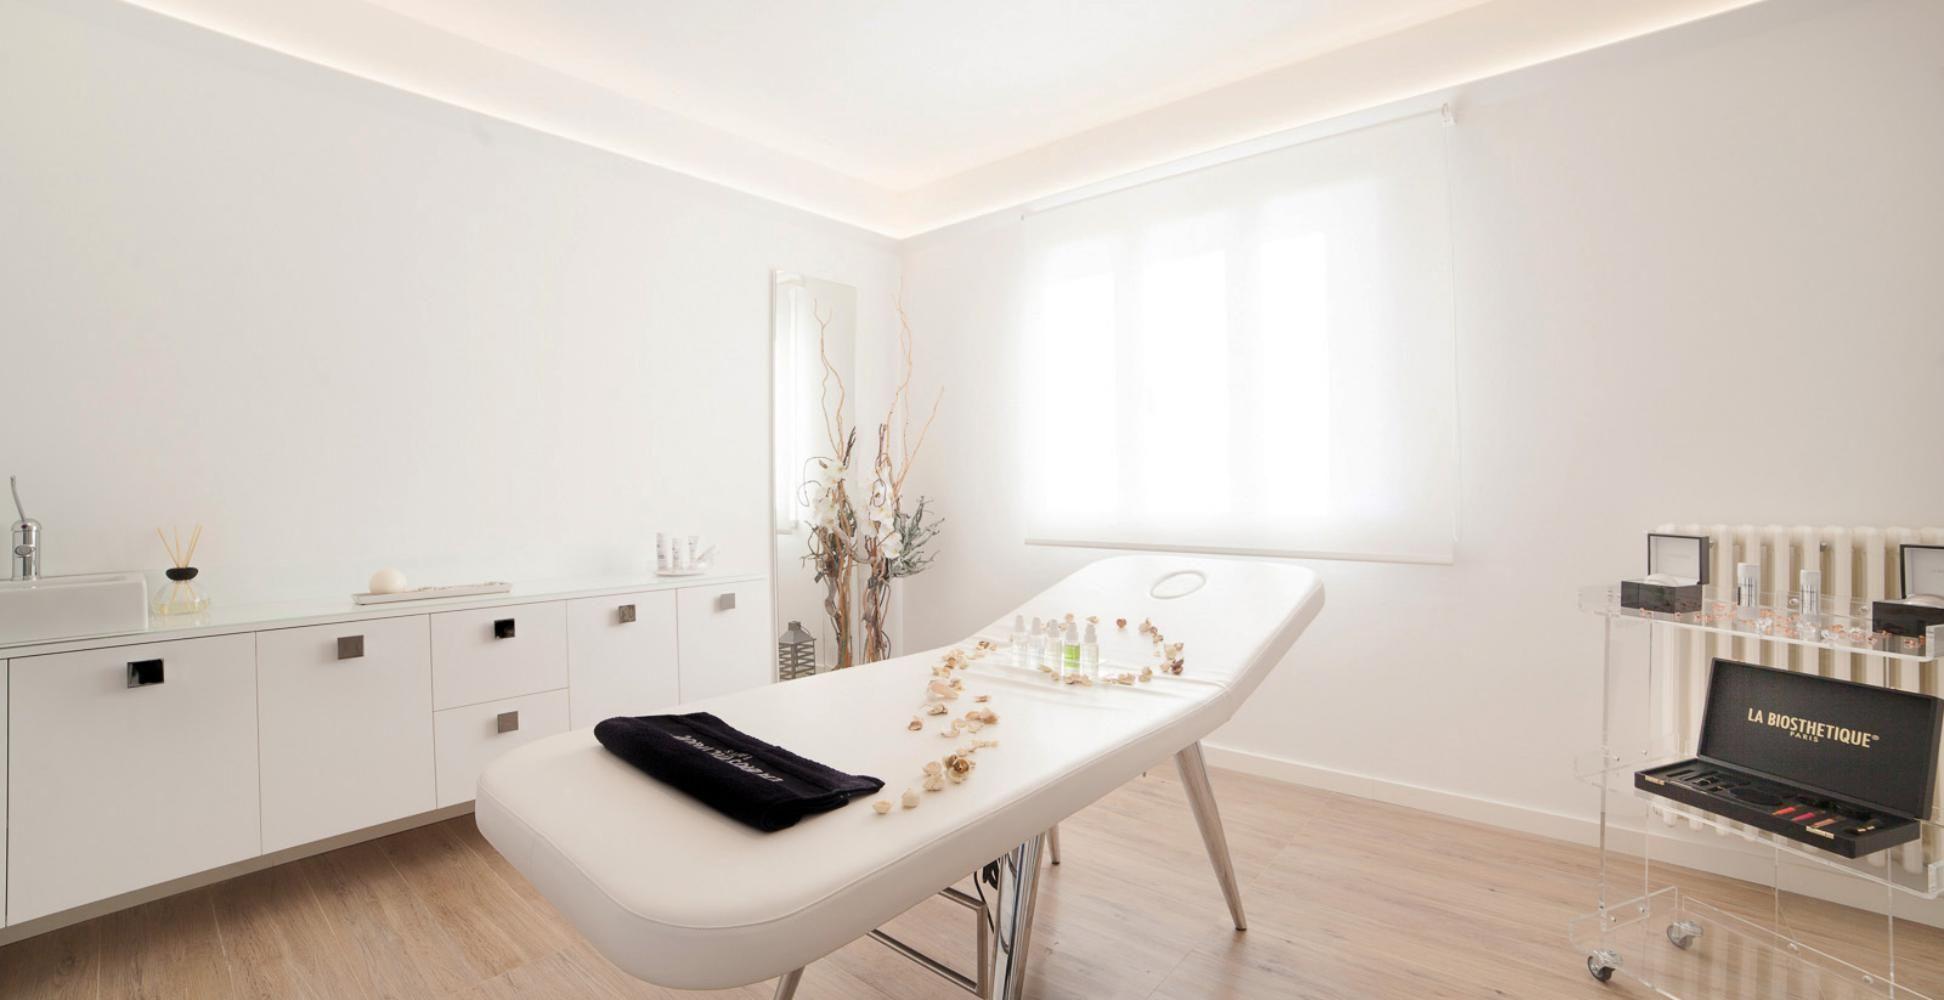 Cabina Estetica Completa : Salon beauté estetica via nazareno orlandi siena prezzi